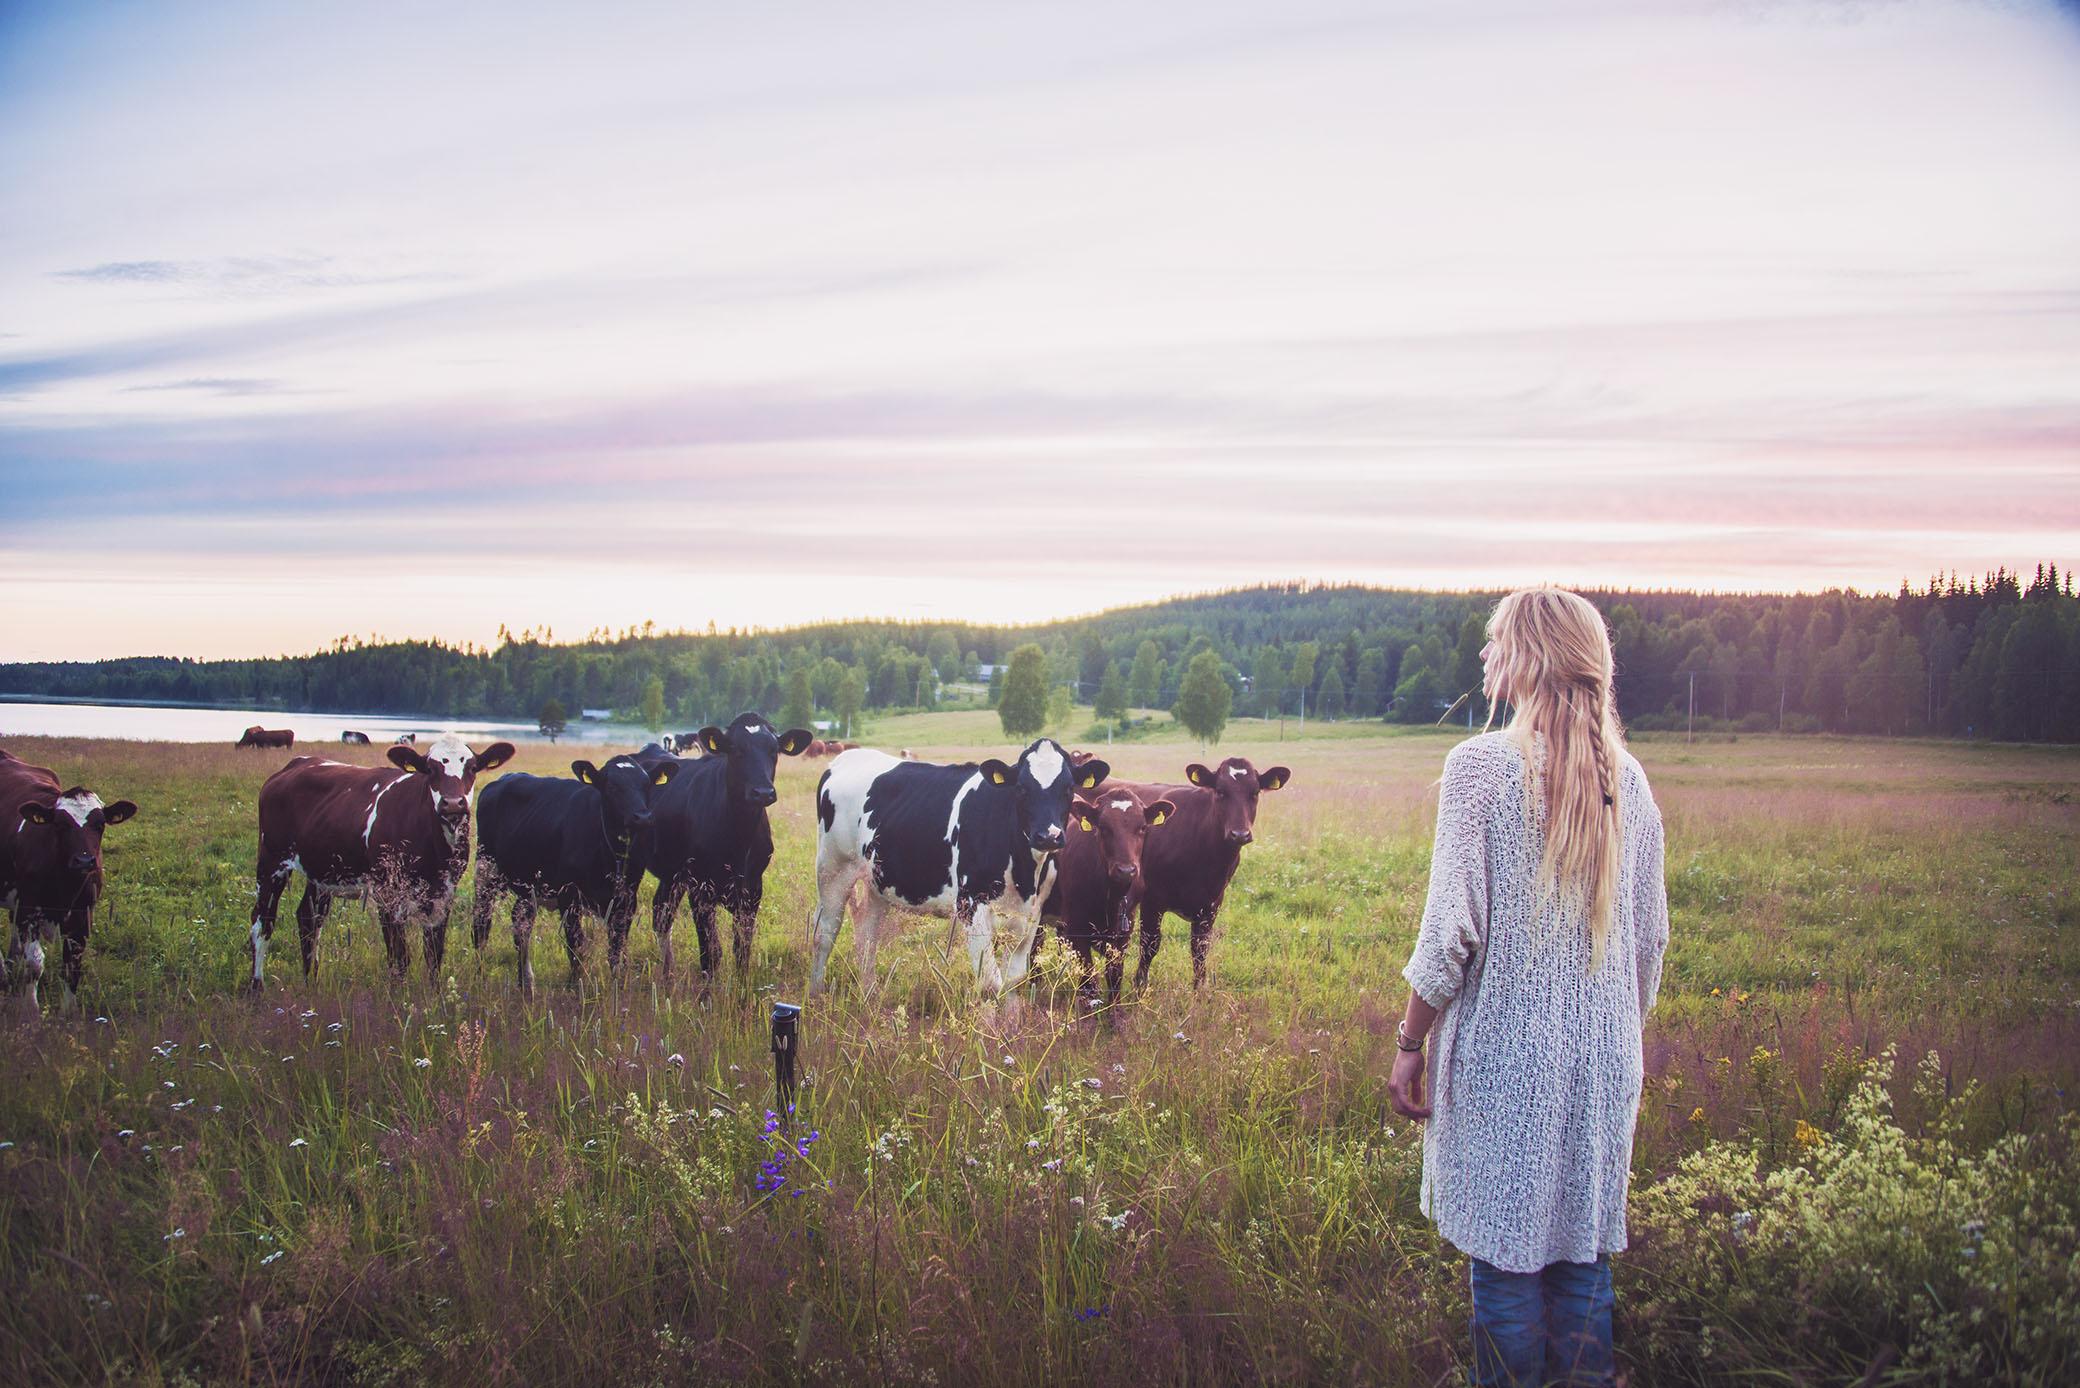 Blickar ut över Frida Bylunds kvigor som varje år får spendera sommaren här på ängarna i Grundtjärn. Frida Bylund bor i grannbyn Myckelgensjö och är även hon en ung mjölkbonde som kämpar och sliter ont mot de låga mjölkpriserna. Jag har äran att då och då få ta en kopp kaffe med henne och beundrar varje gång hennes ork till att fortsätta kämpa för de liv hon vill leva. Heja heja alla bönder där ute. Fy fasen vad ni gör det bra. Nu måste det bara till en förändring.